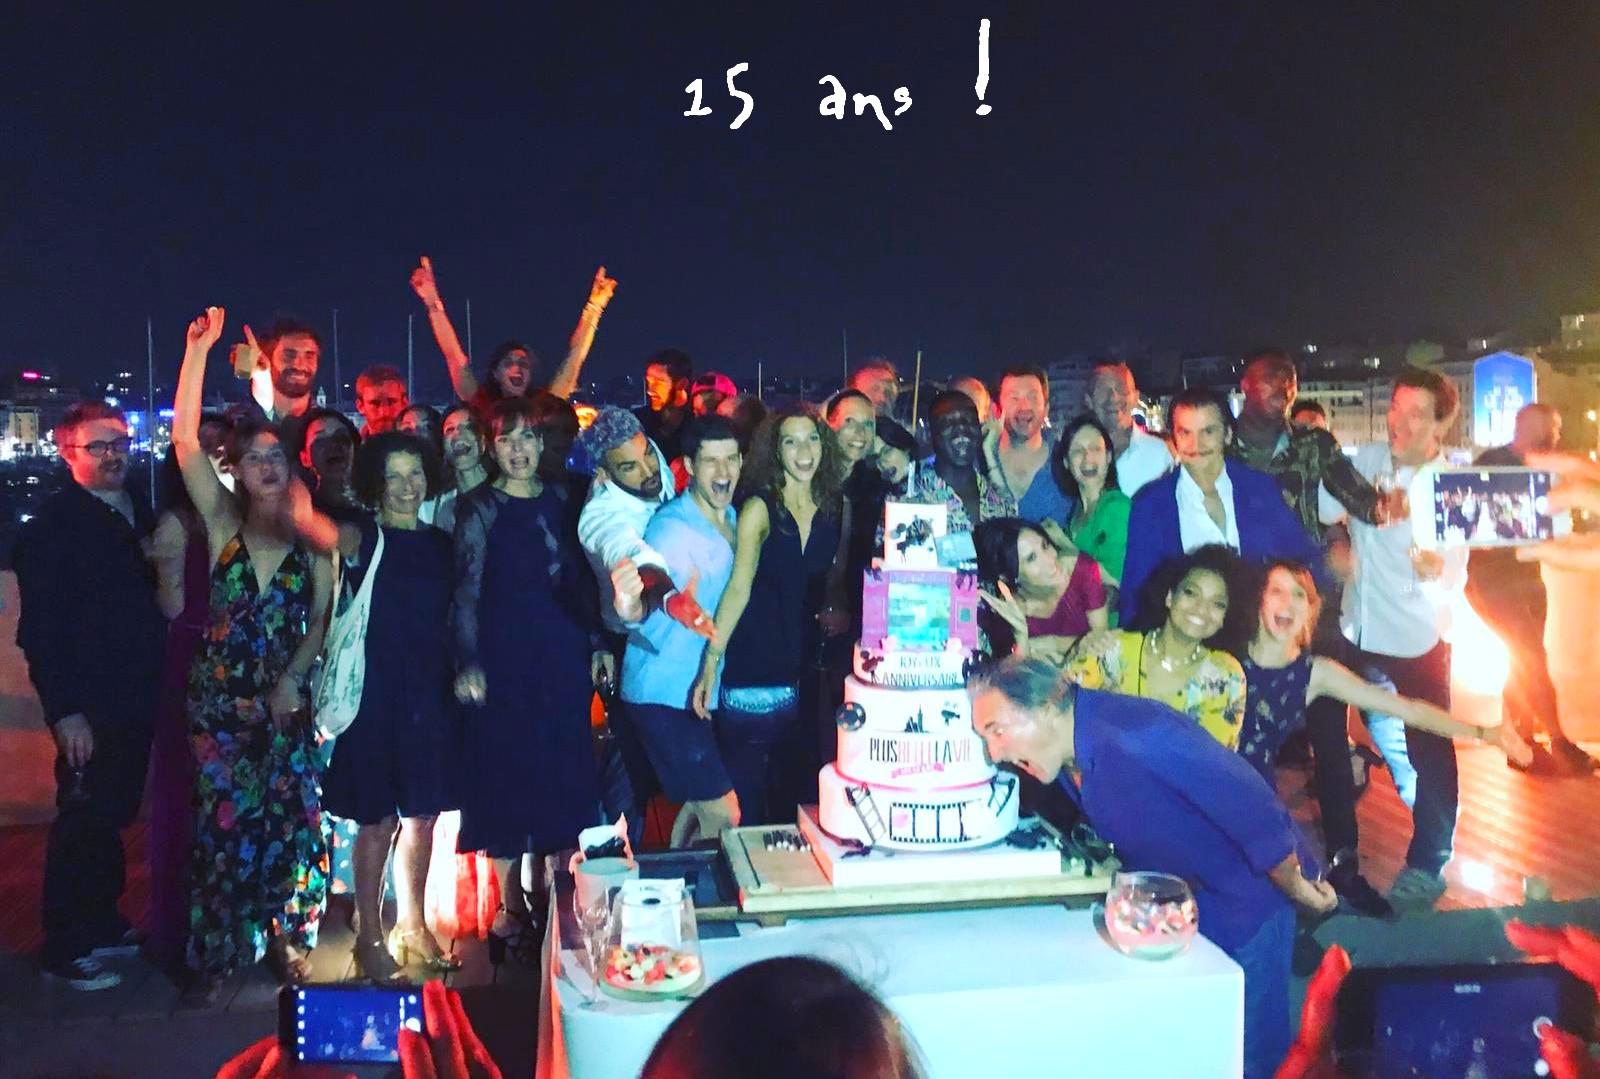 Festivités pour les 15 ans de PBLV ! - Page 2 Pblv1512